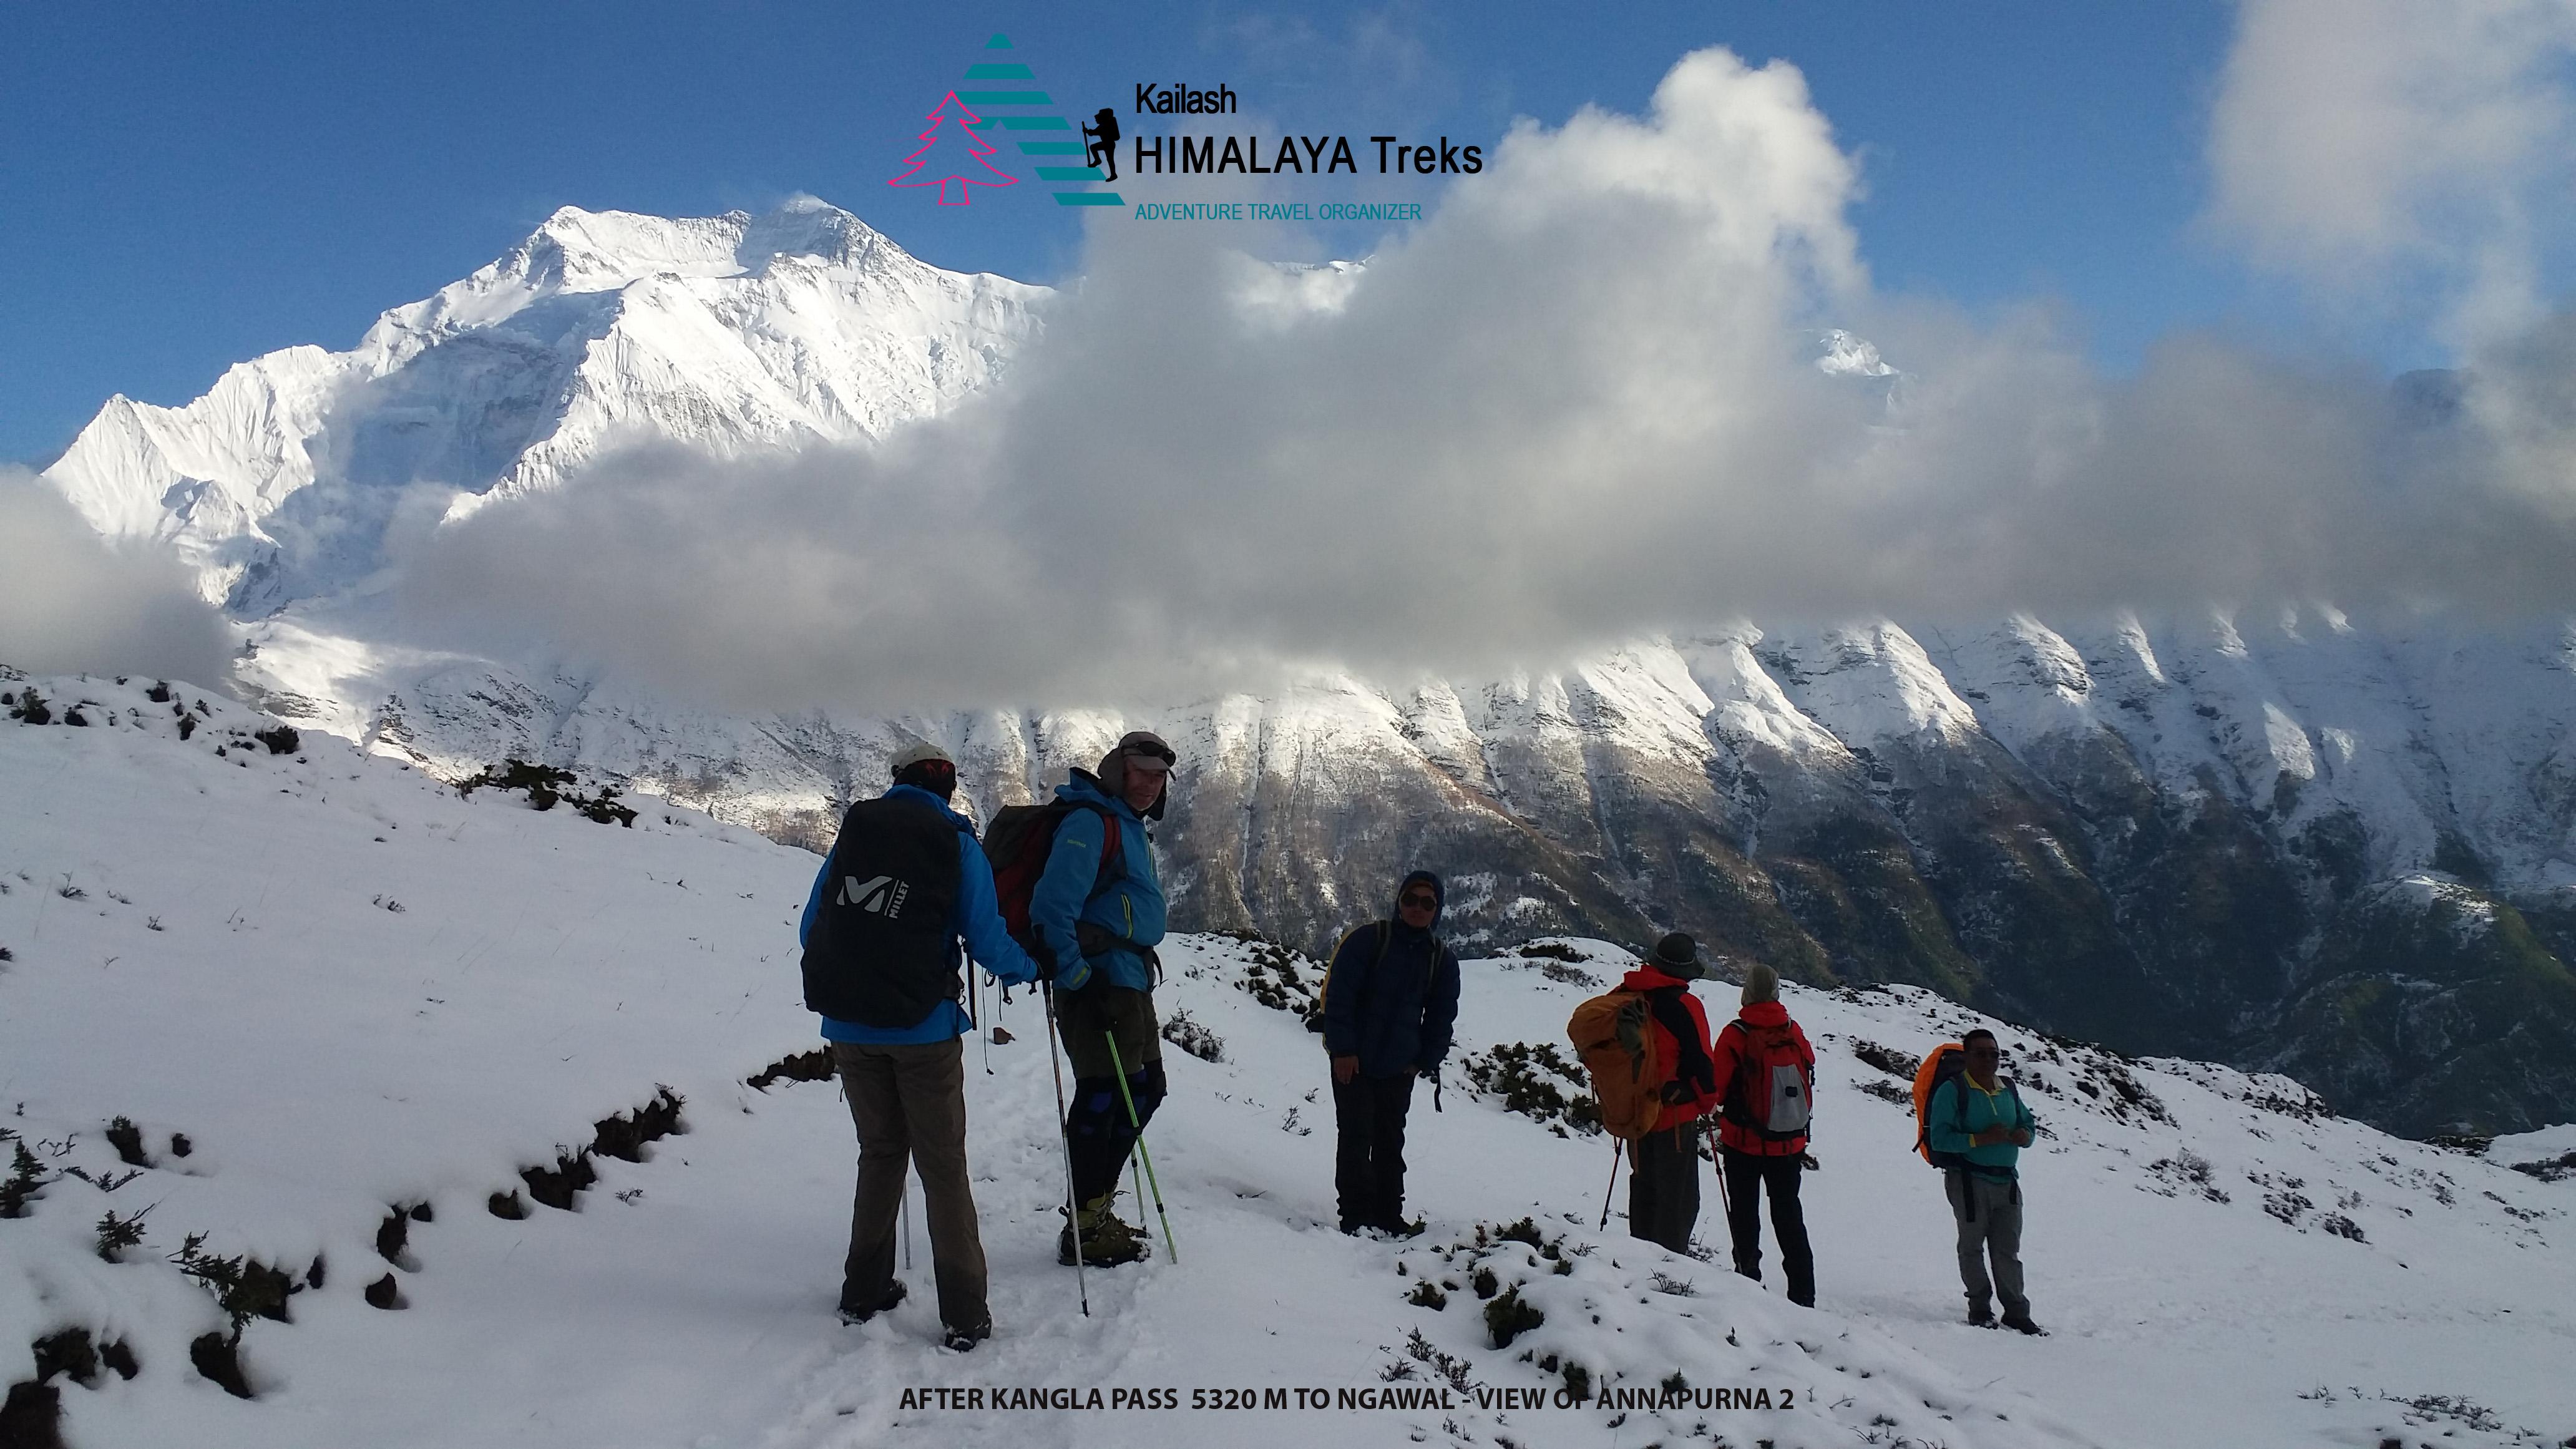 after kangla pass 5320 m